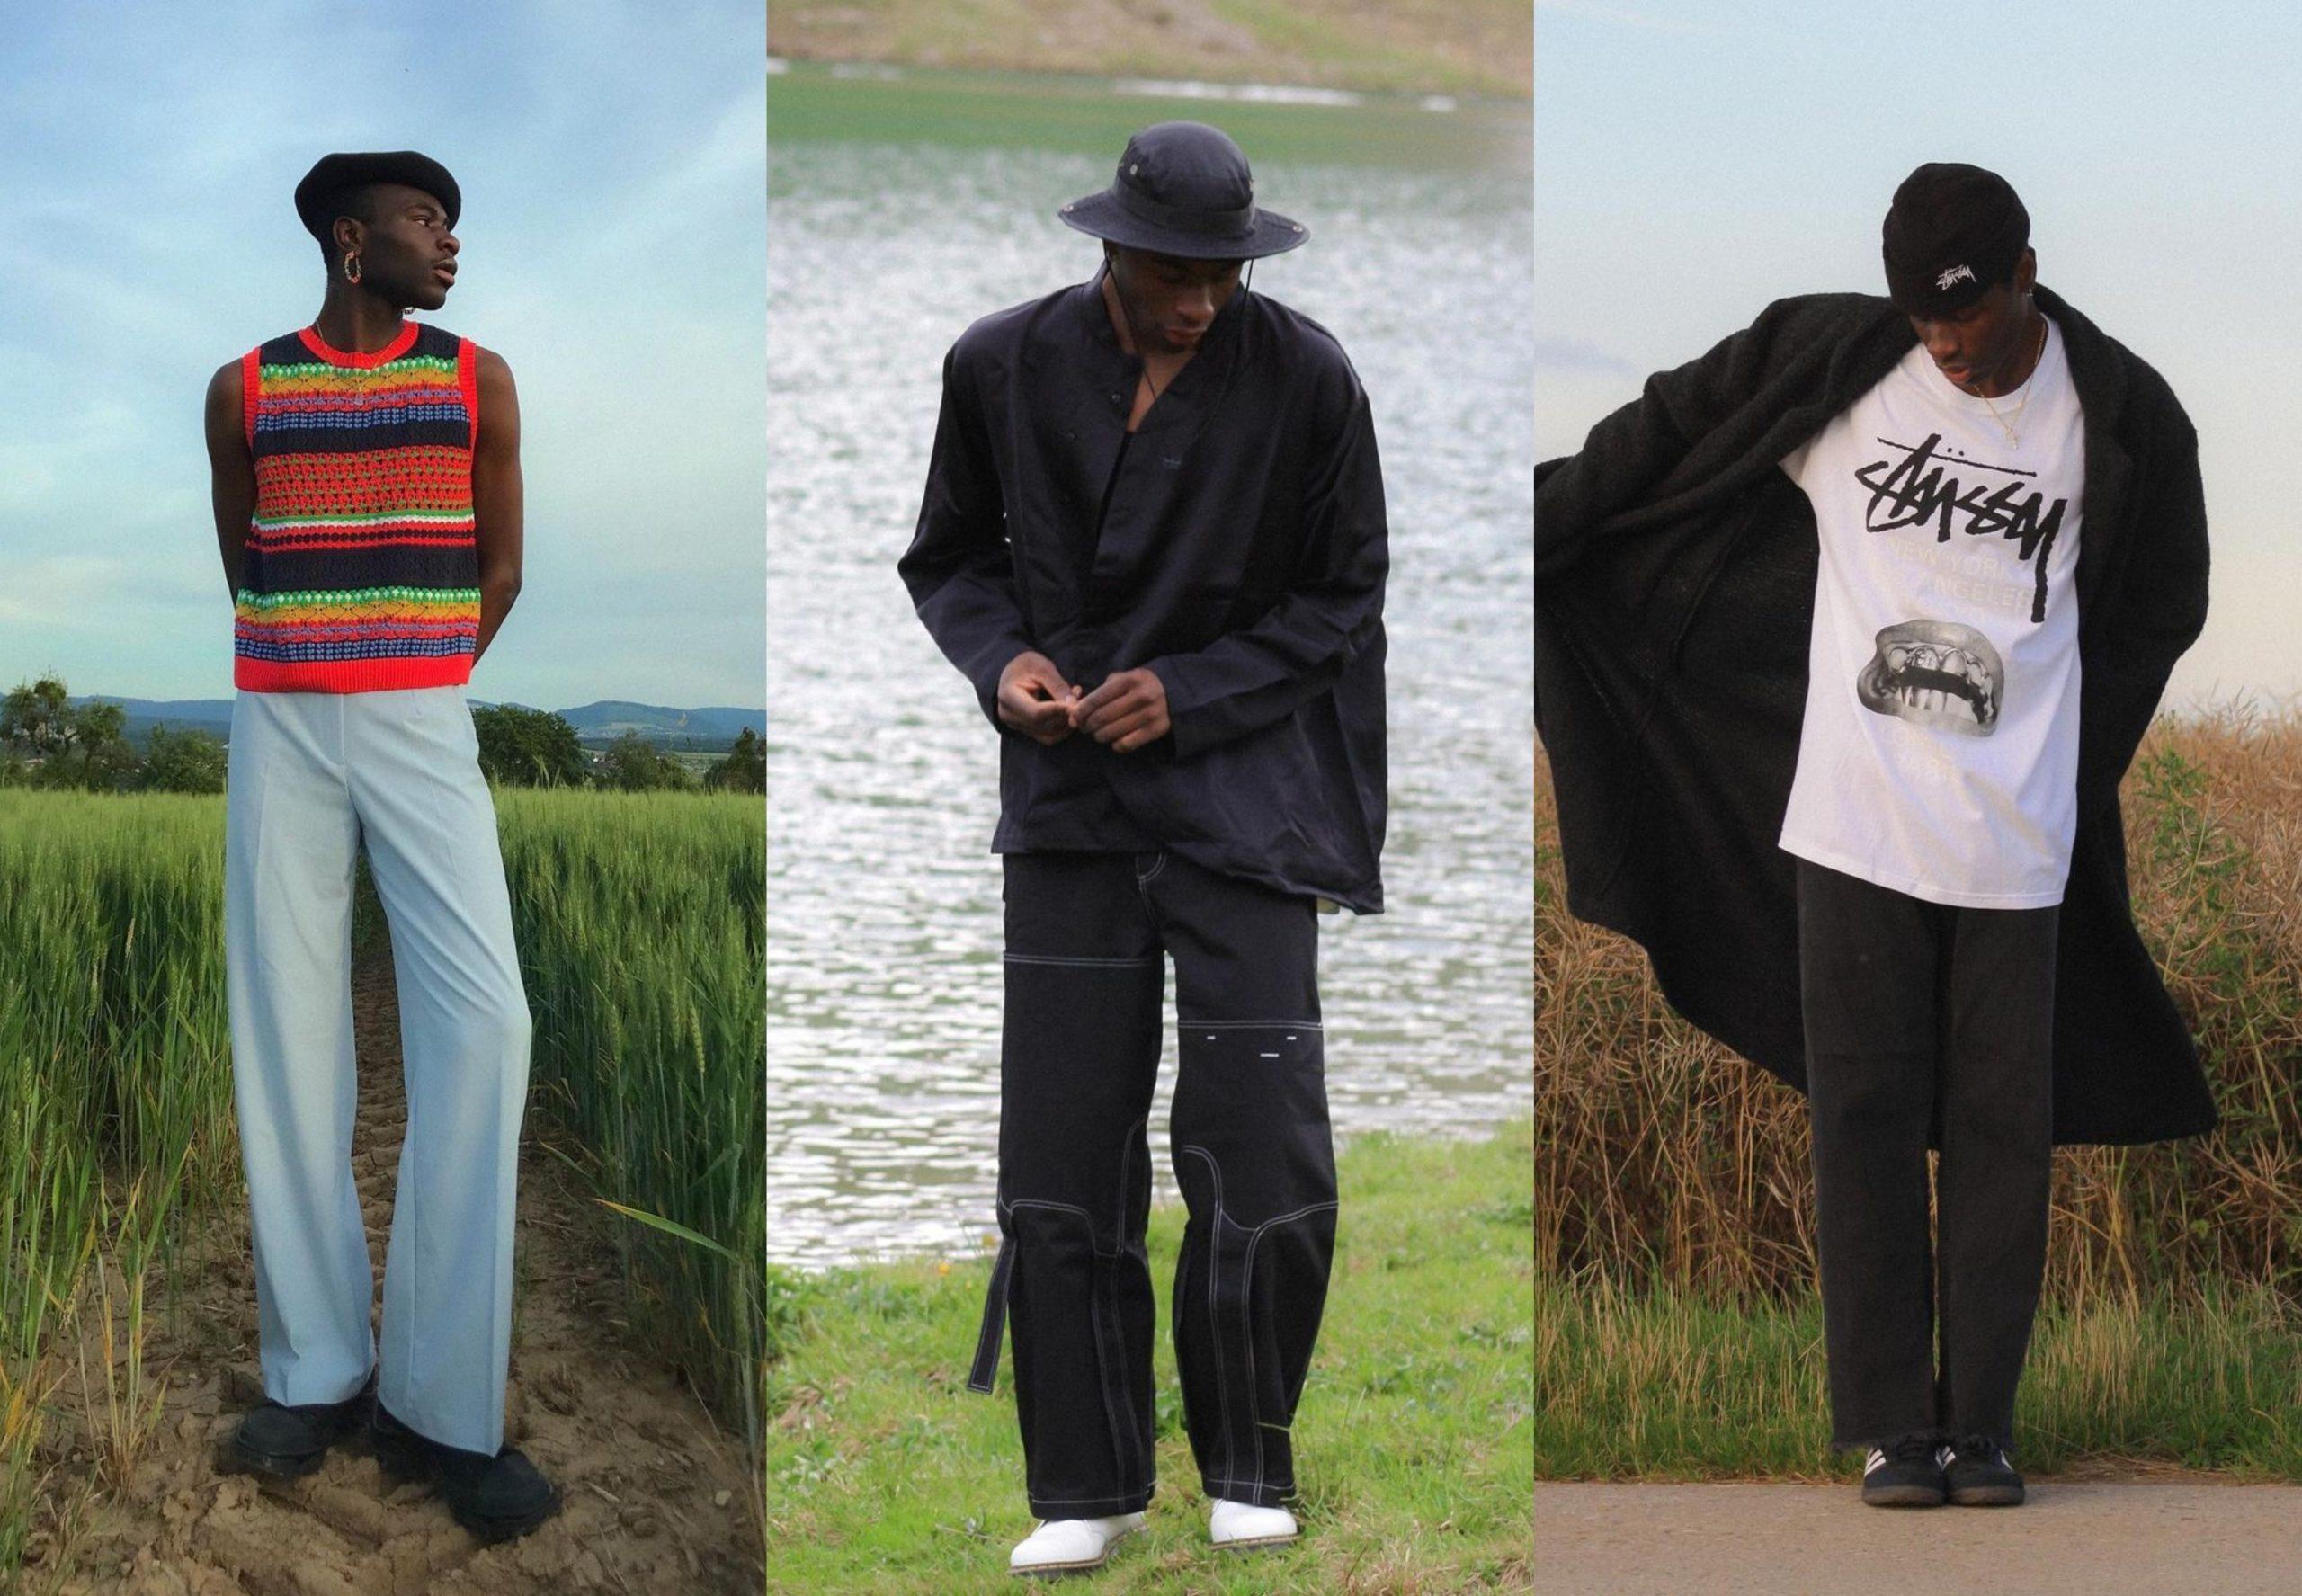 Mak Dominique Presents his Favourite Fashion Items